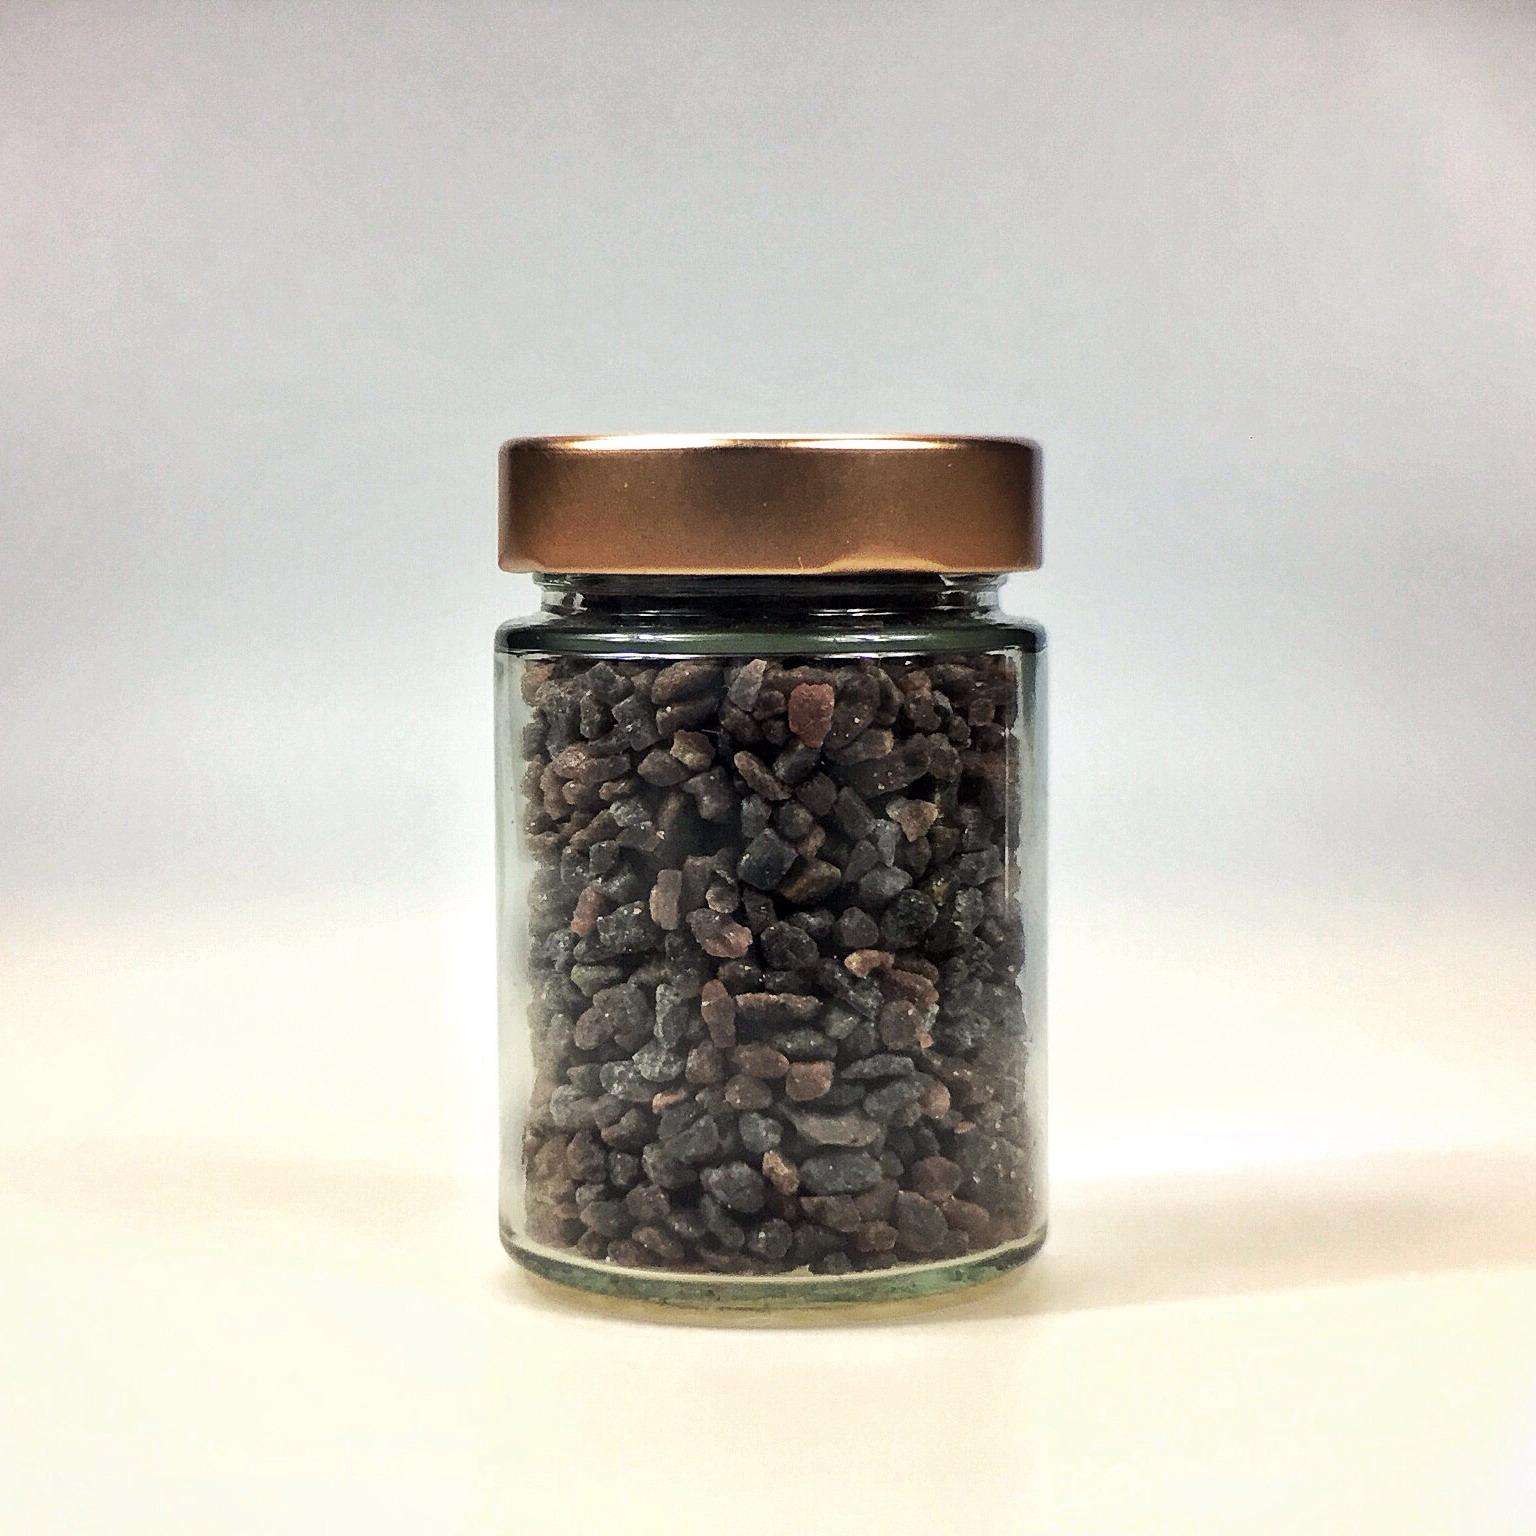 Kala Namak Salz grob gemahlen für Salzmühle im kleinen Glas mit Kupferdeckel